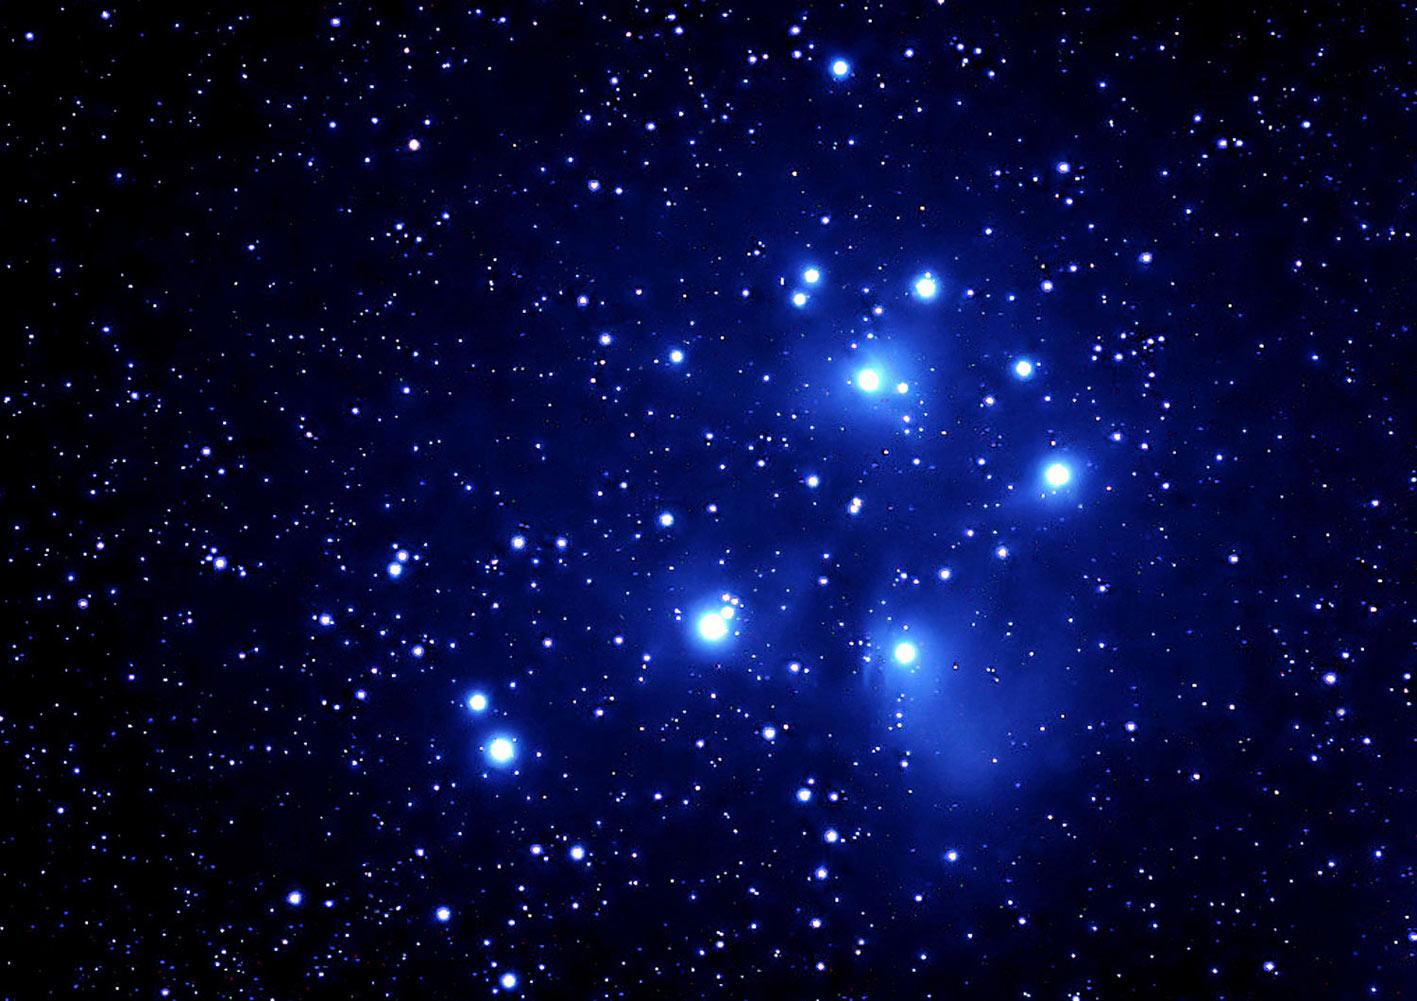 Ammasso aperto m 45 pleiadi for Foto spazio hd